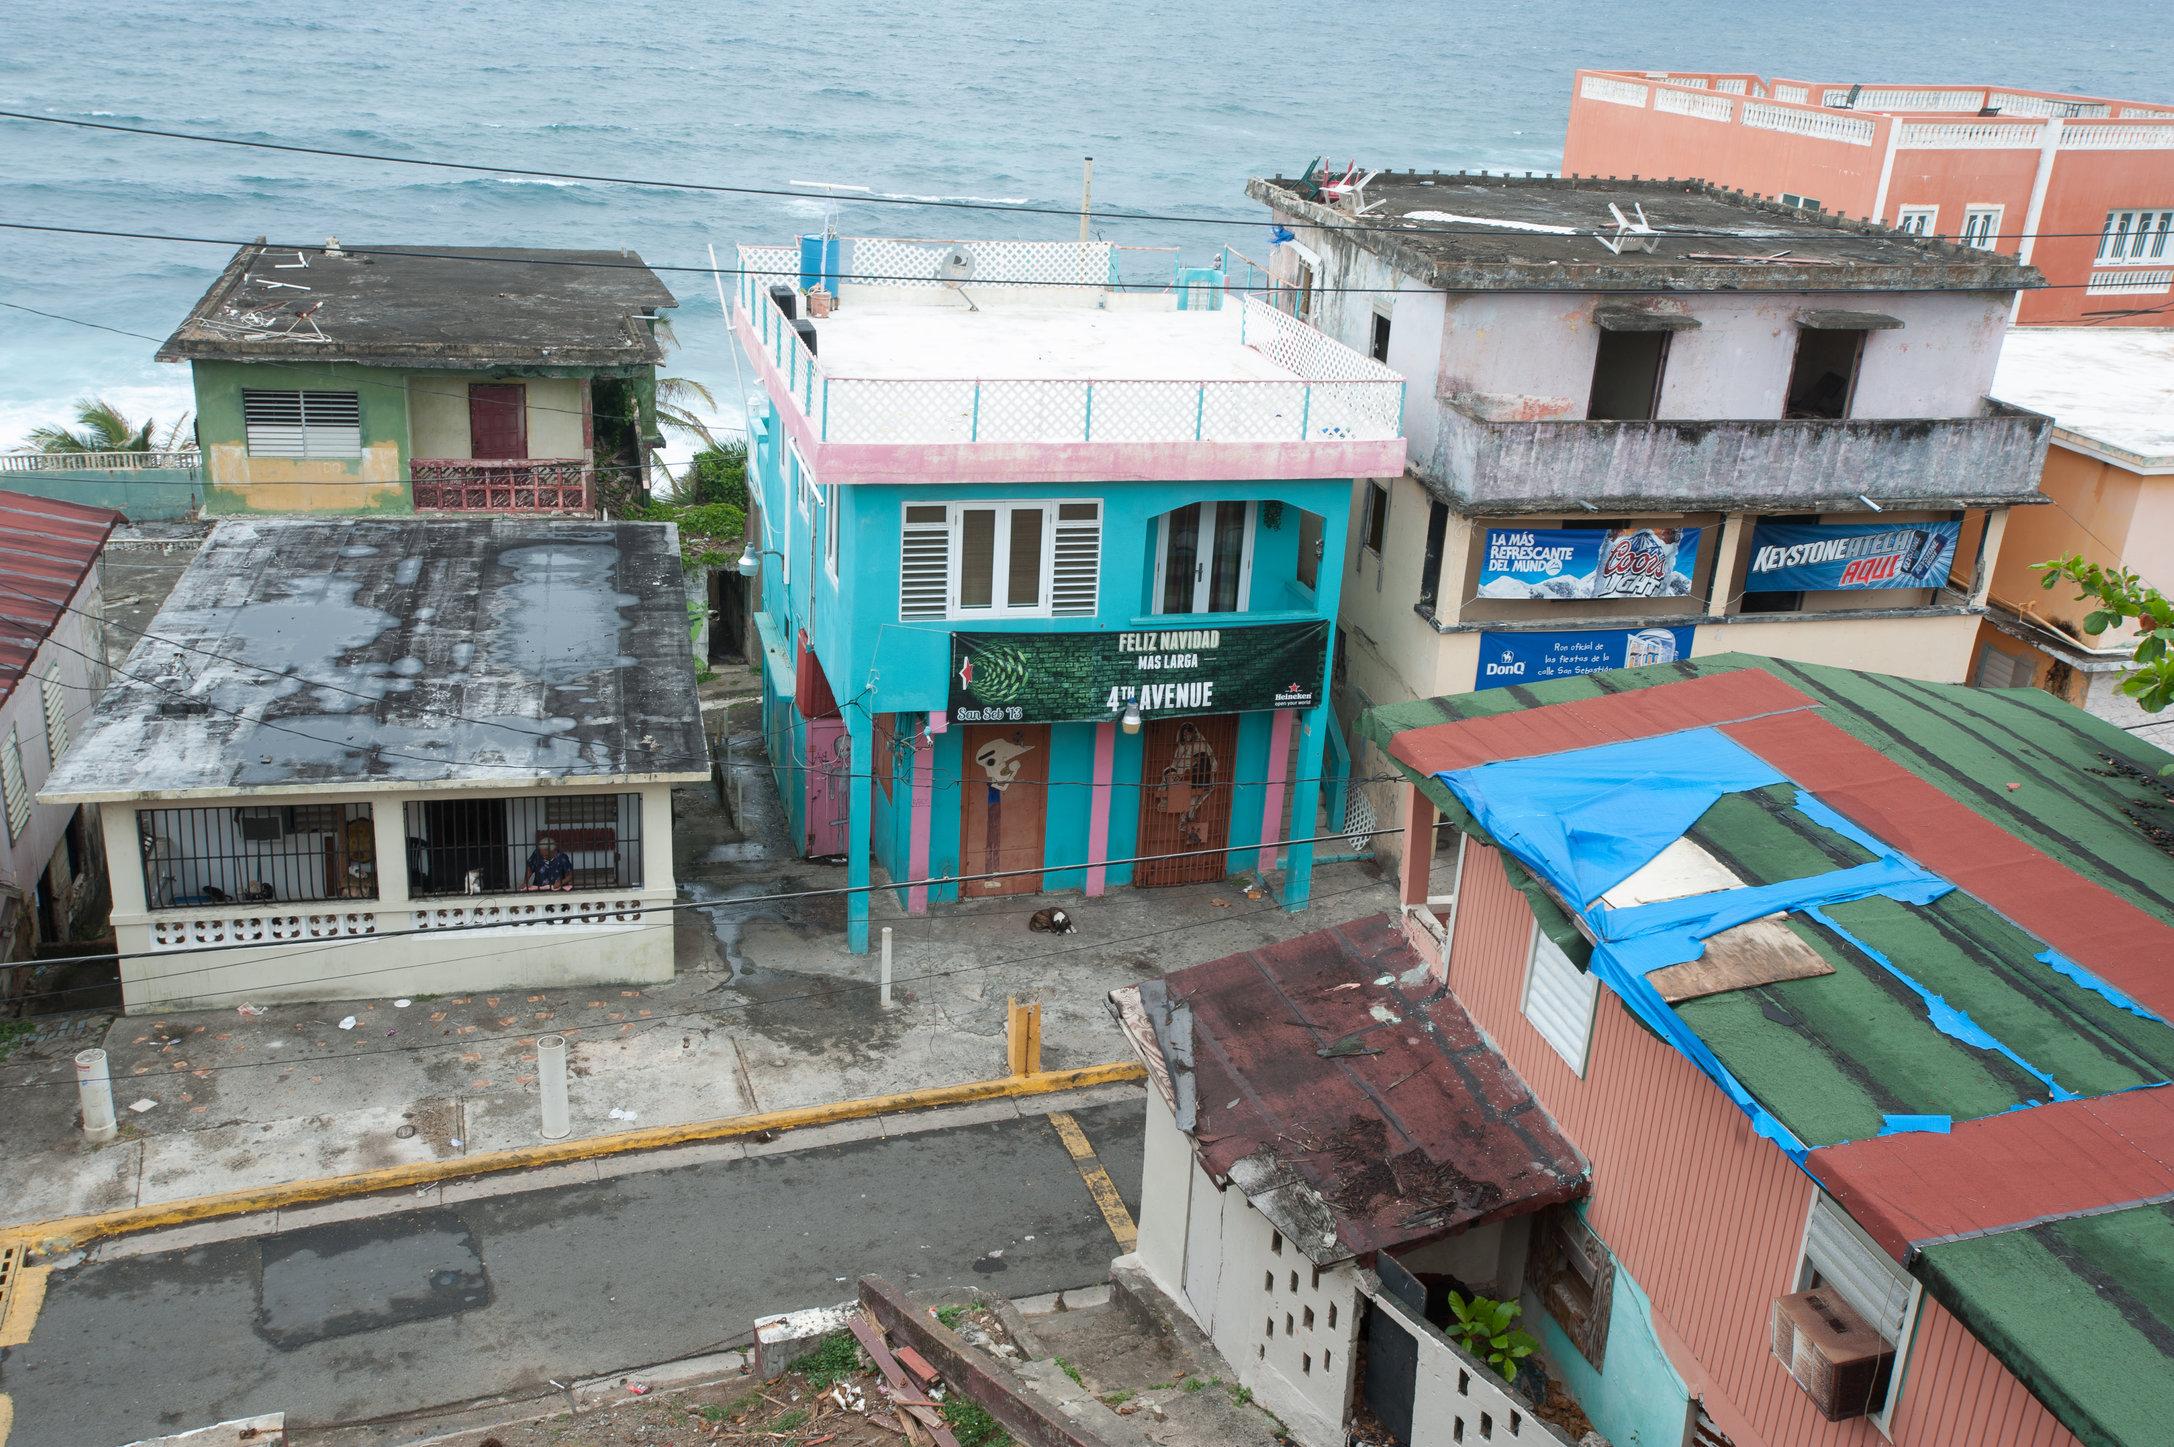 La Perla, San Juan, Puerto Rico